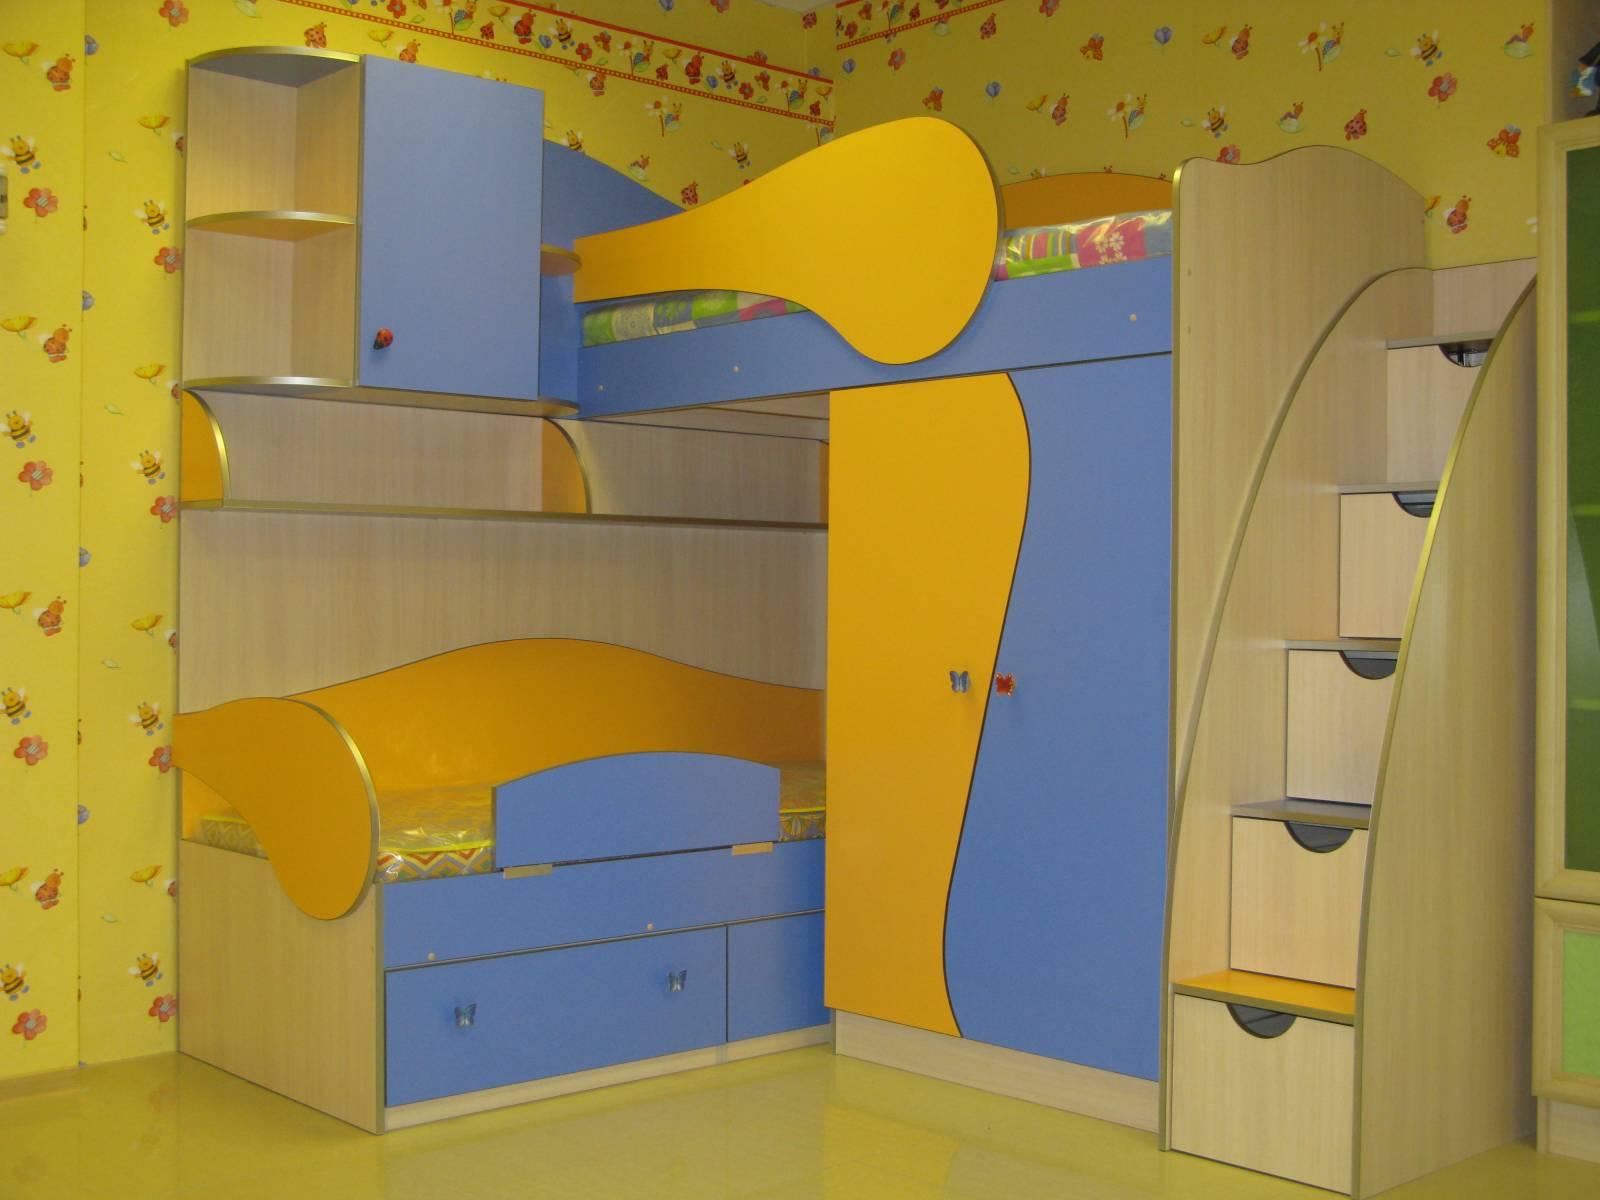 Угловые двухъярусные кровати для детей своими руками